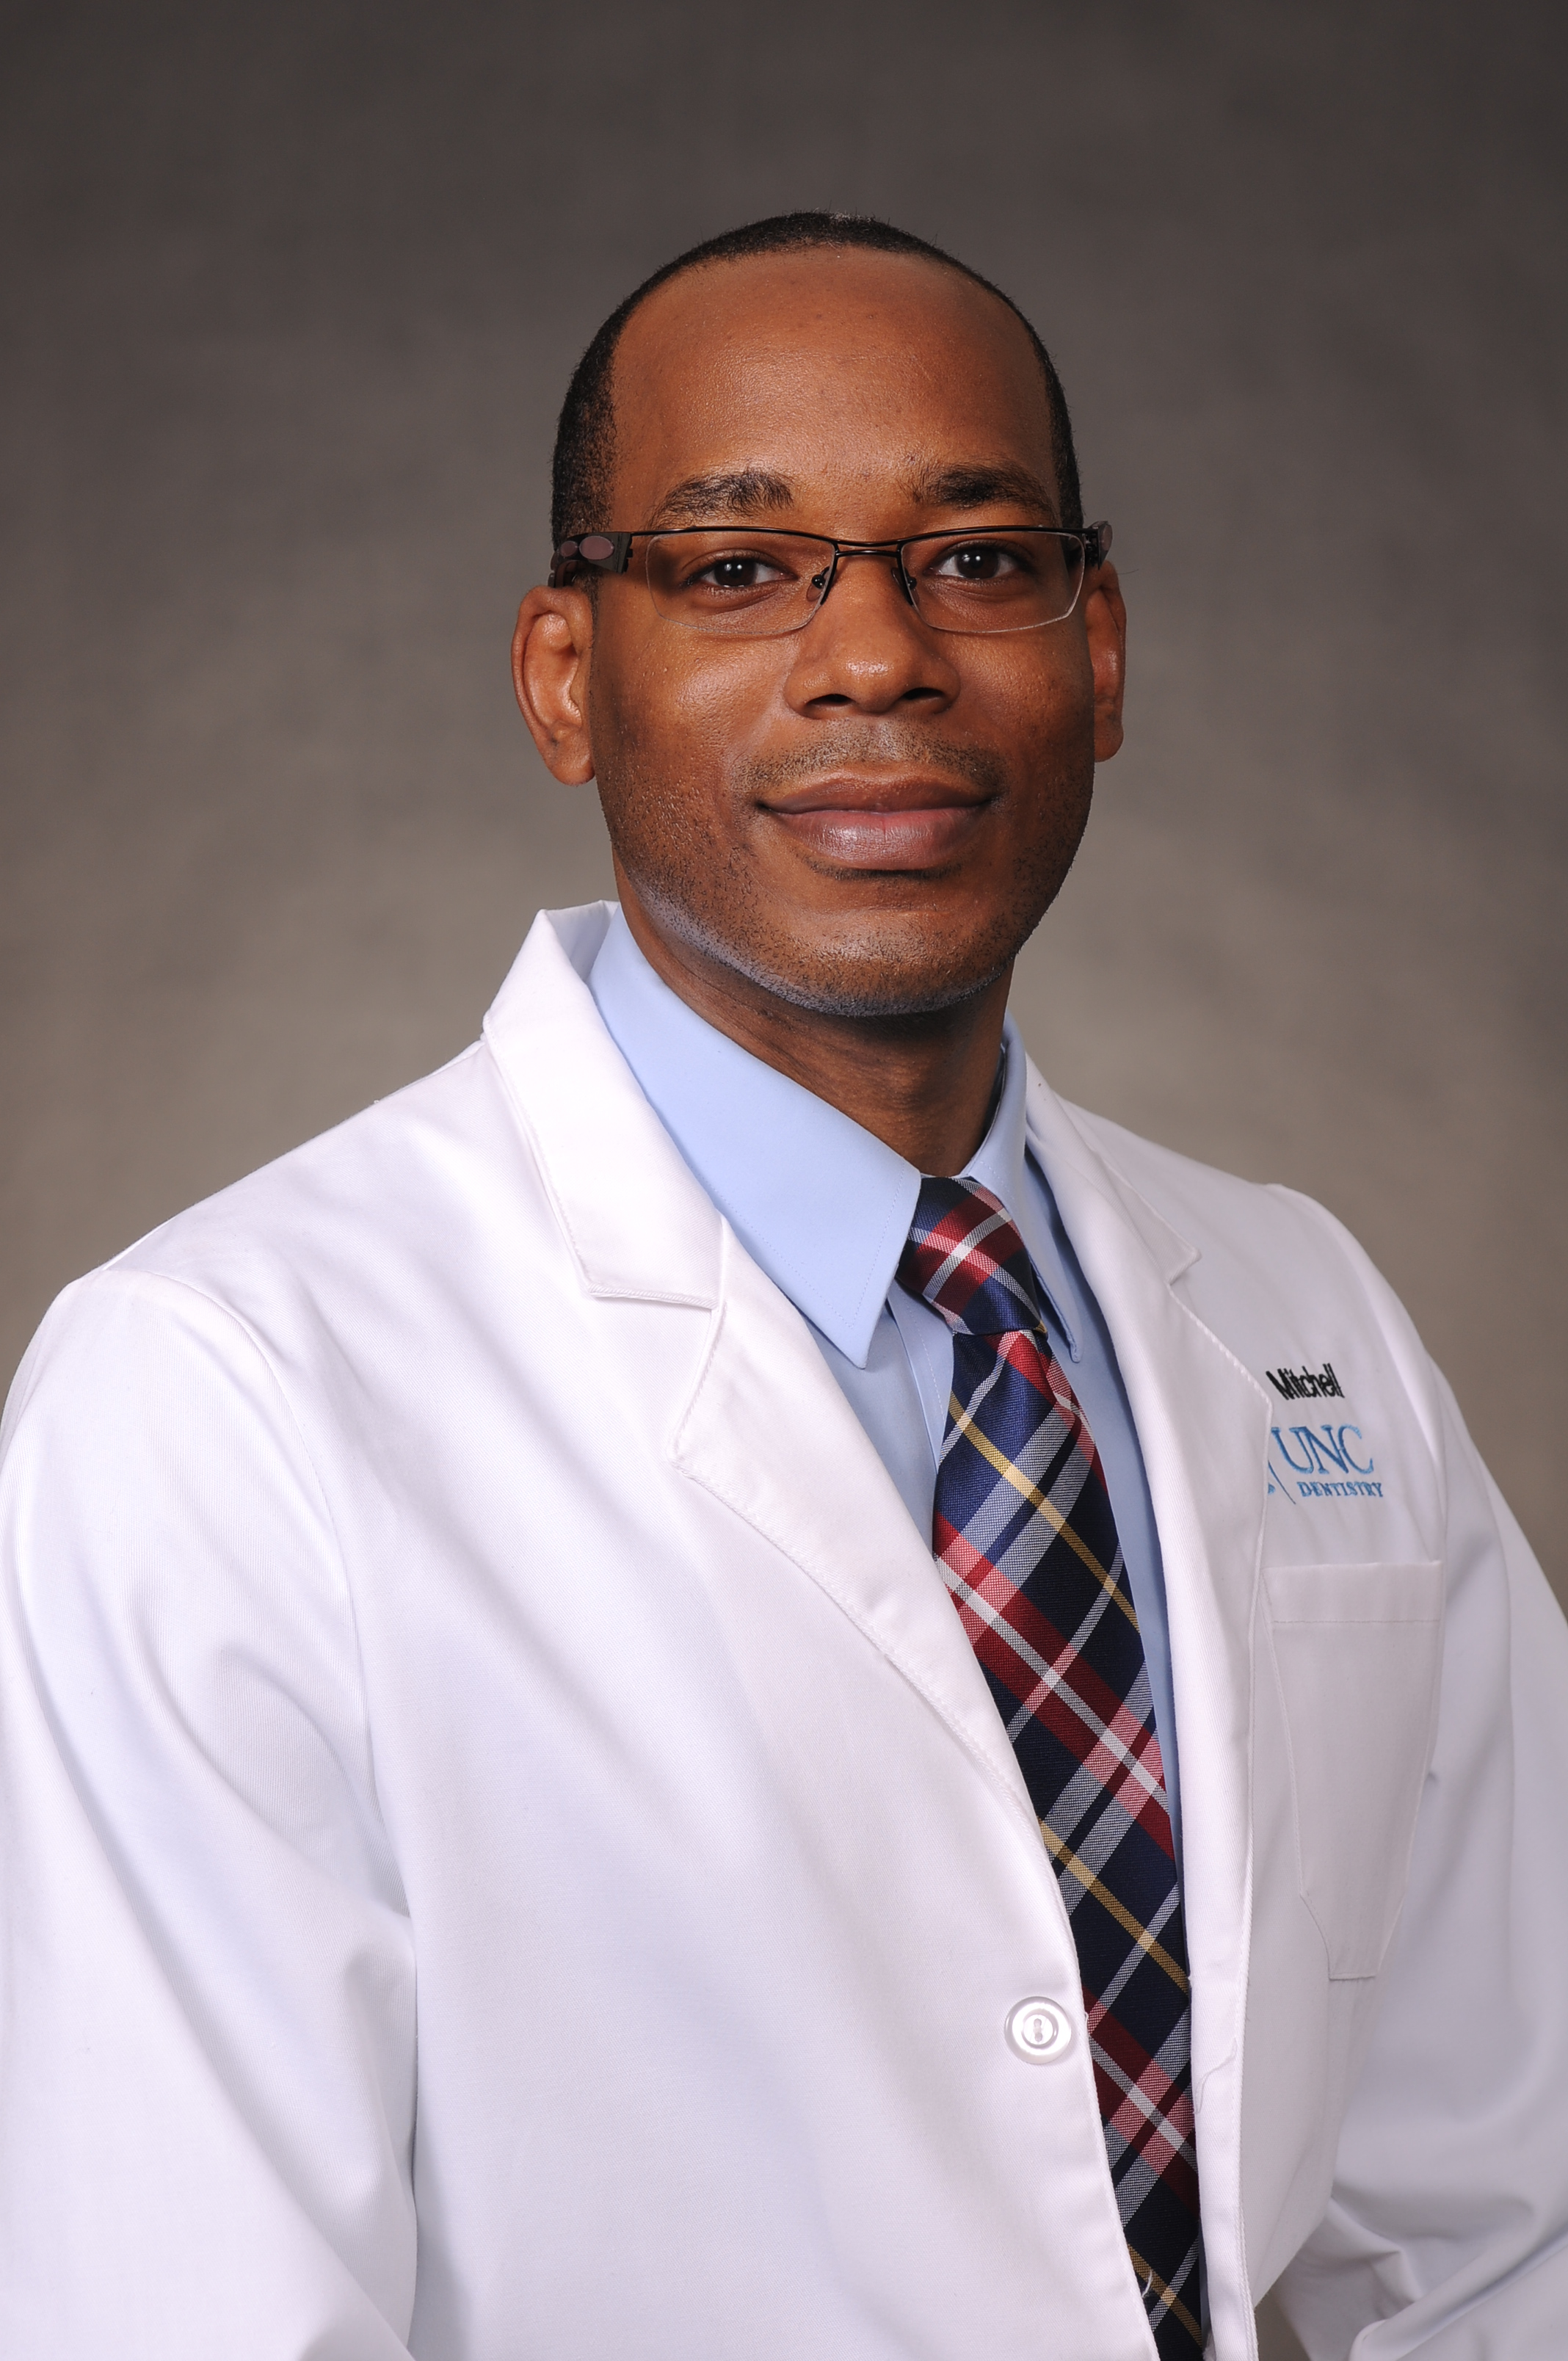 Bryan Mitchell, DDS, MS